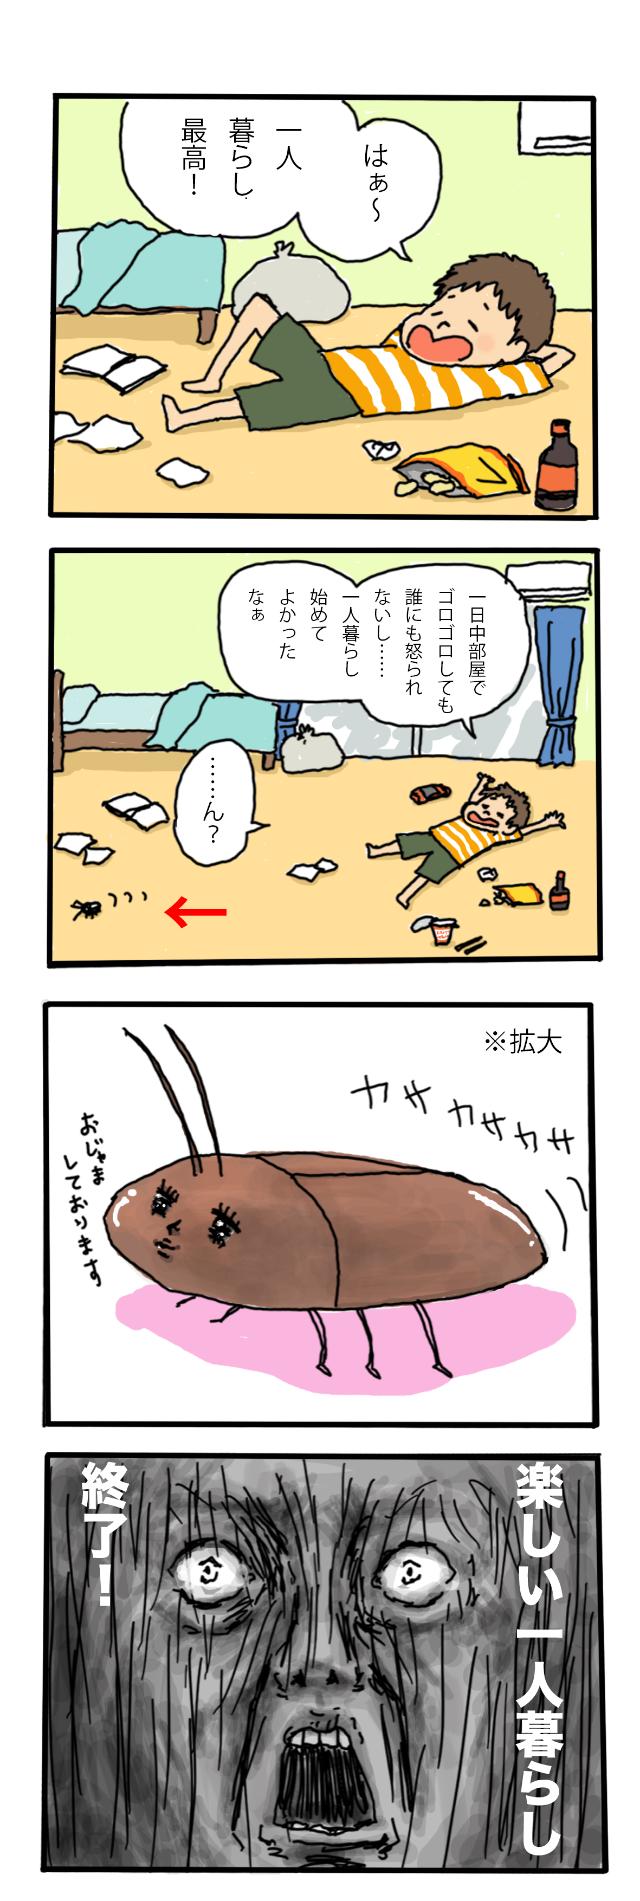 ゴキブリの出現で楽しい一人暮らしが台無しに!